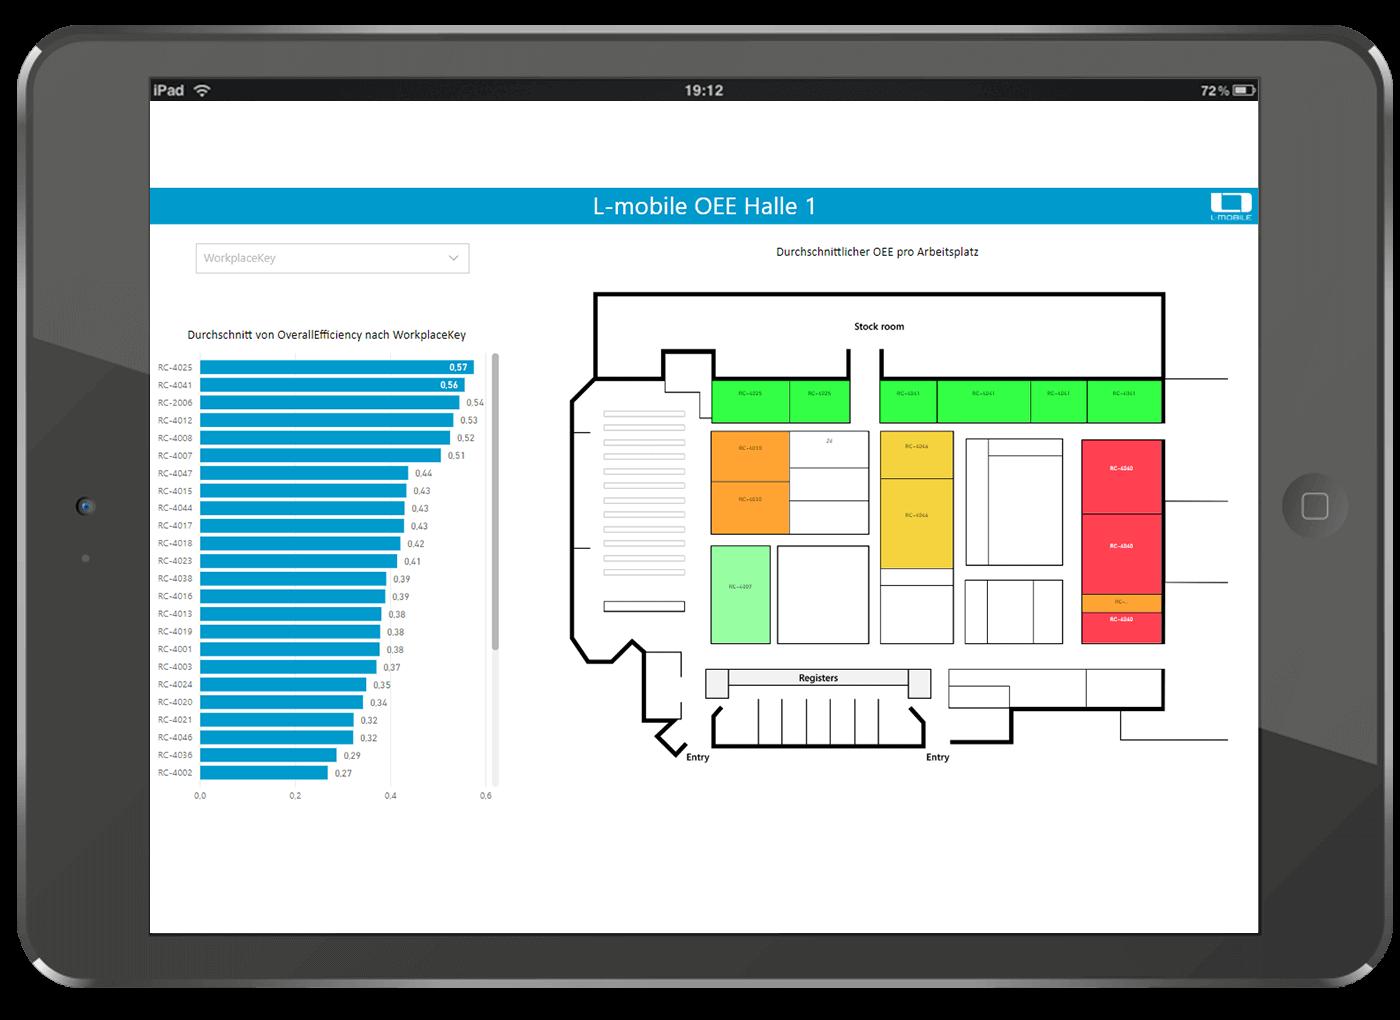 Echtzeit-Reporting und Smarte Unternehmenssteuerung L-mobile reporting Produktion